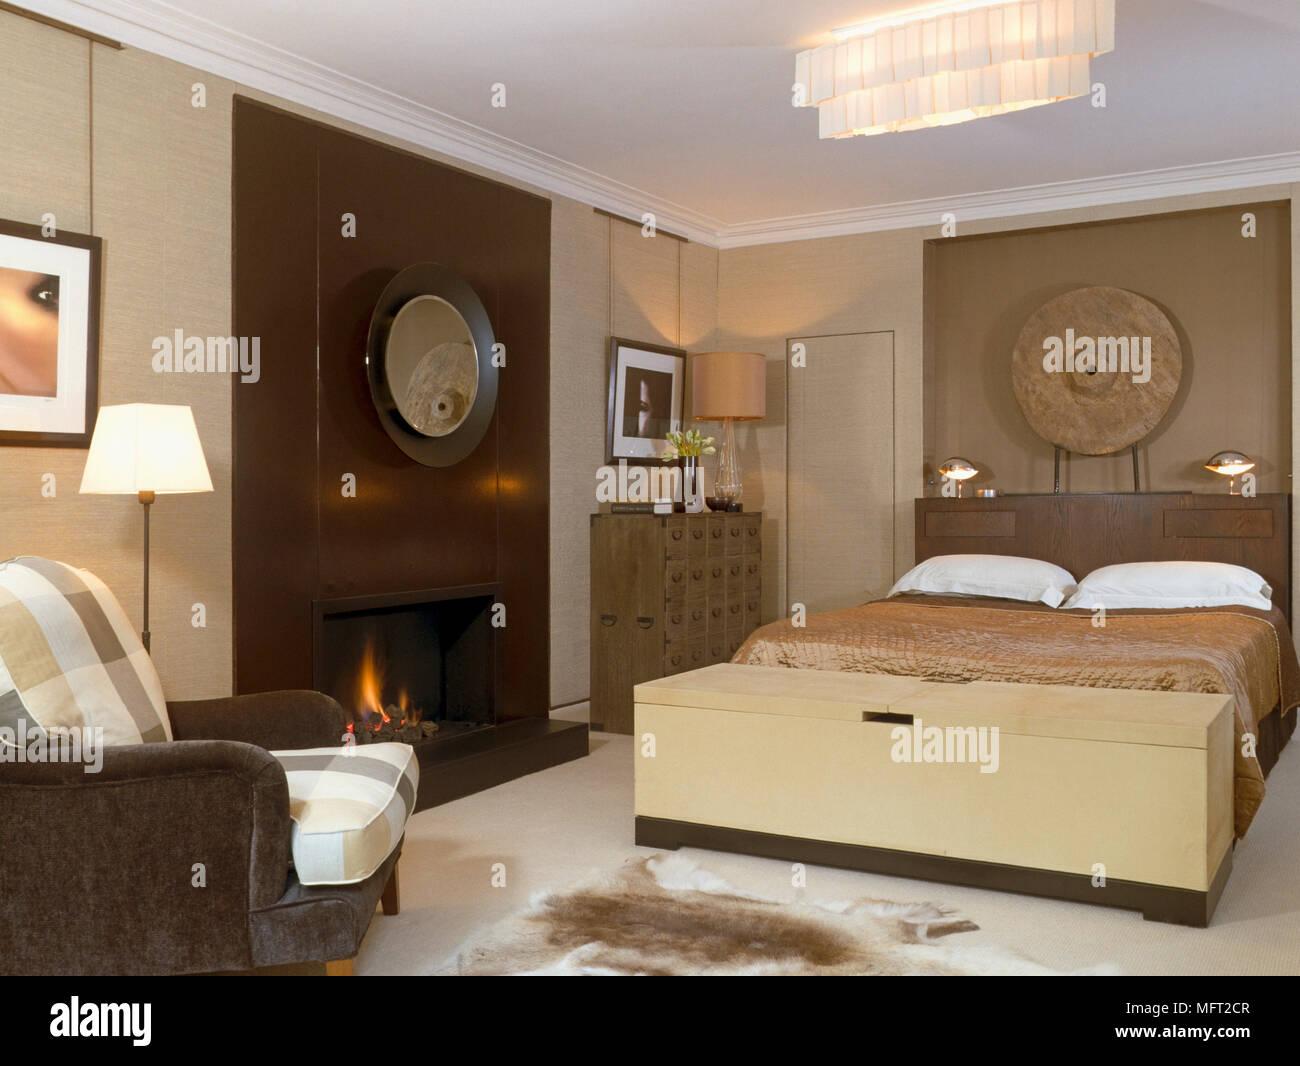 Decoration Murale Pour Tete De Lit pouf à pied de lit double avec tête de lit décoration murale